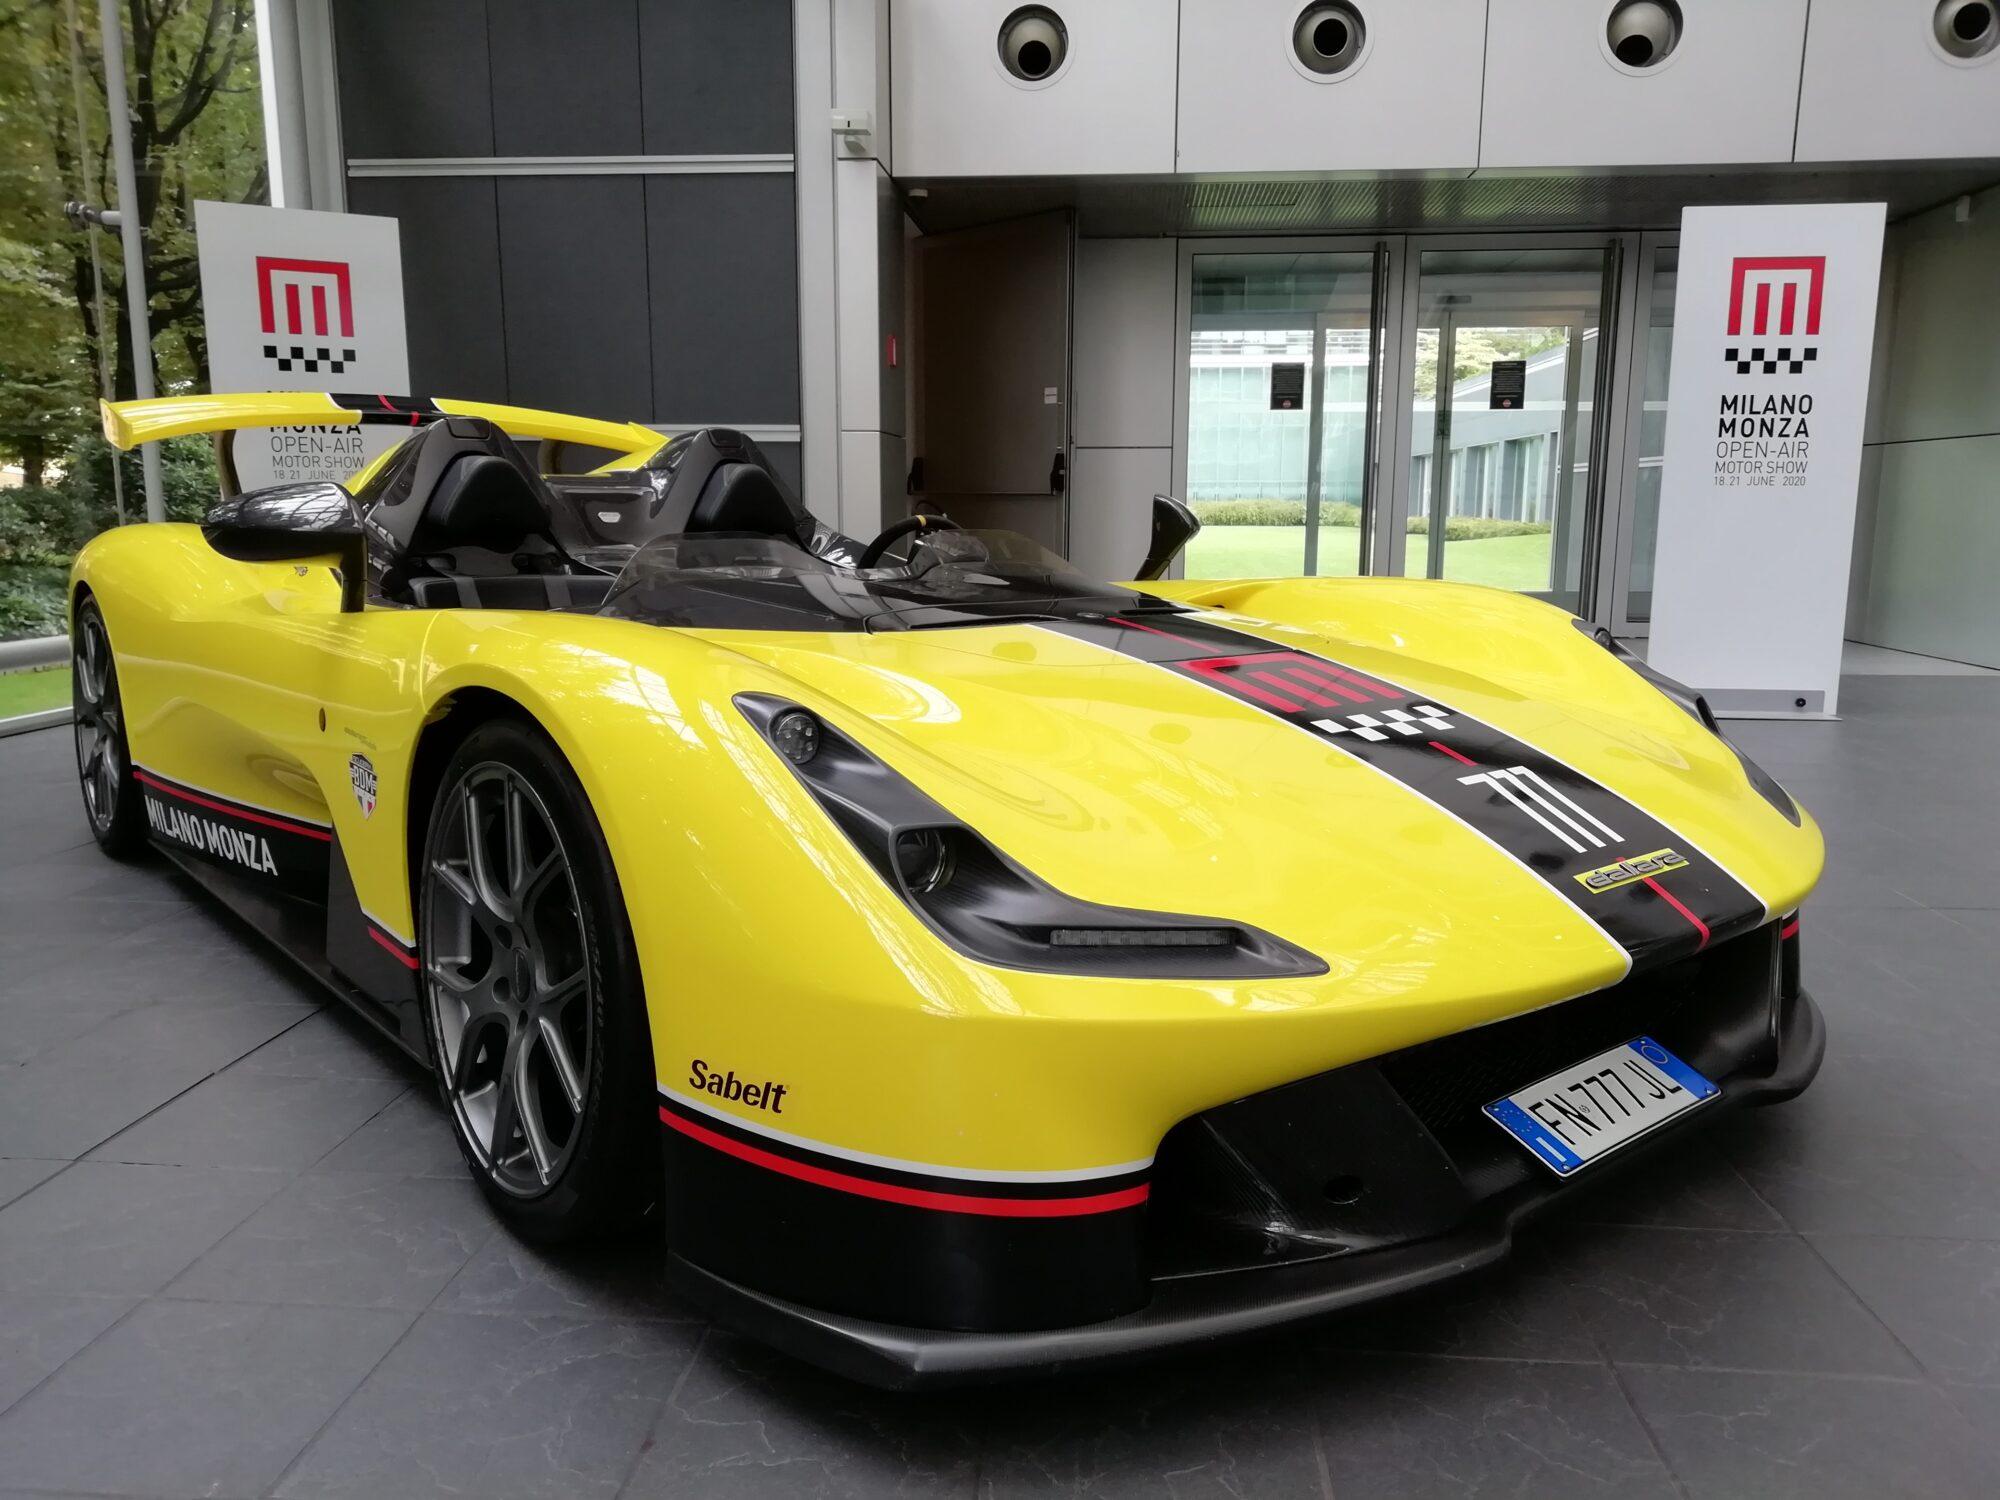 Open-Air Motor Show, nel 2020 la nuova importante manifestazione automobilistica thumbnail